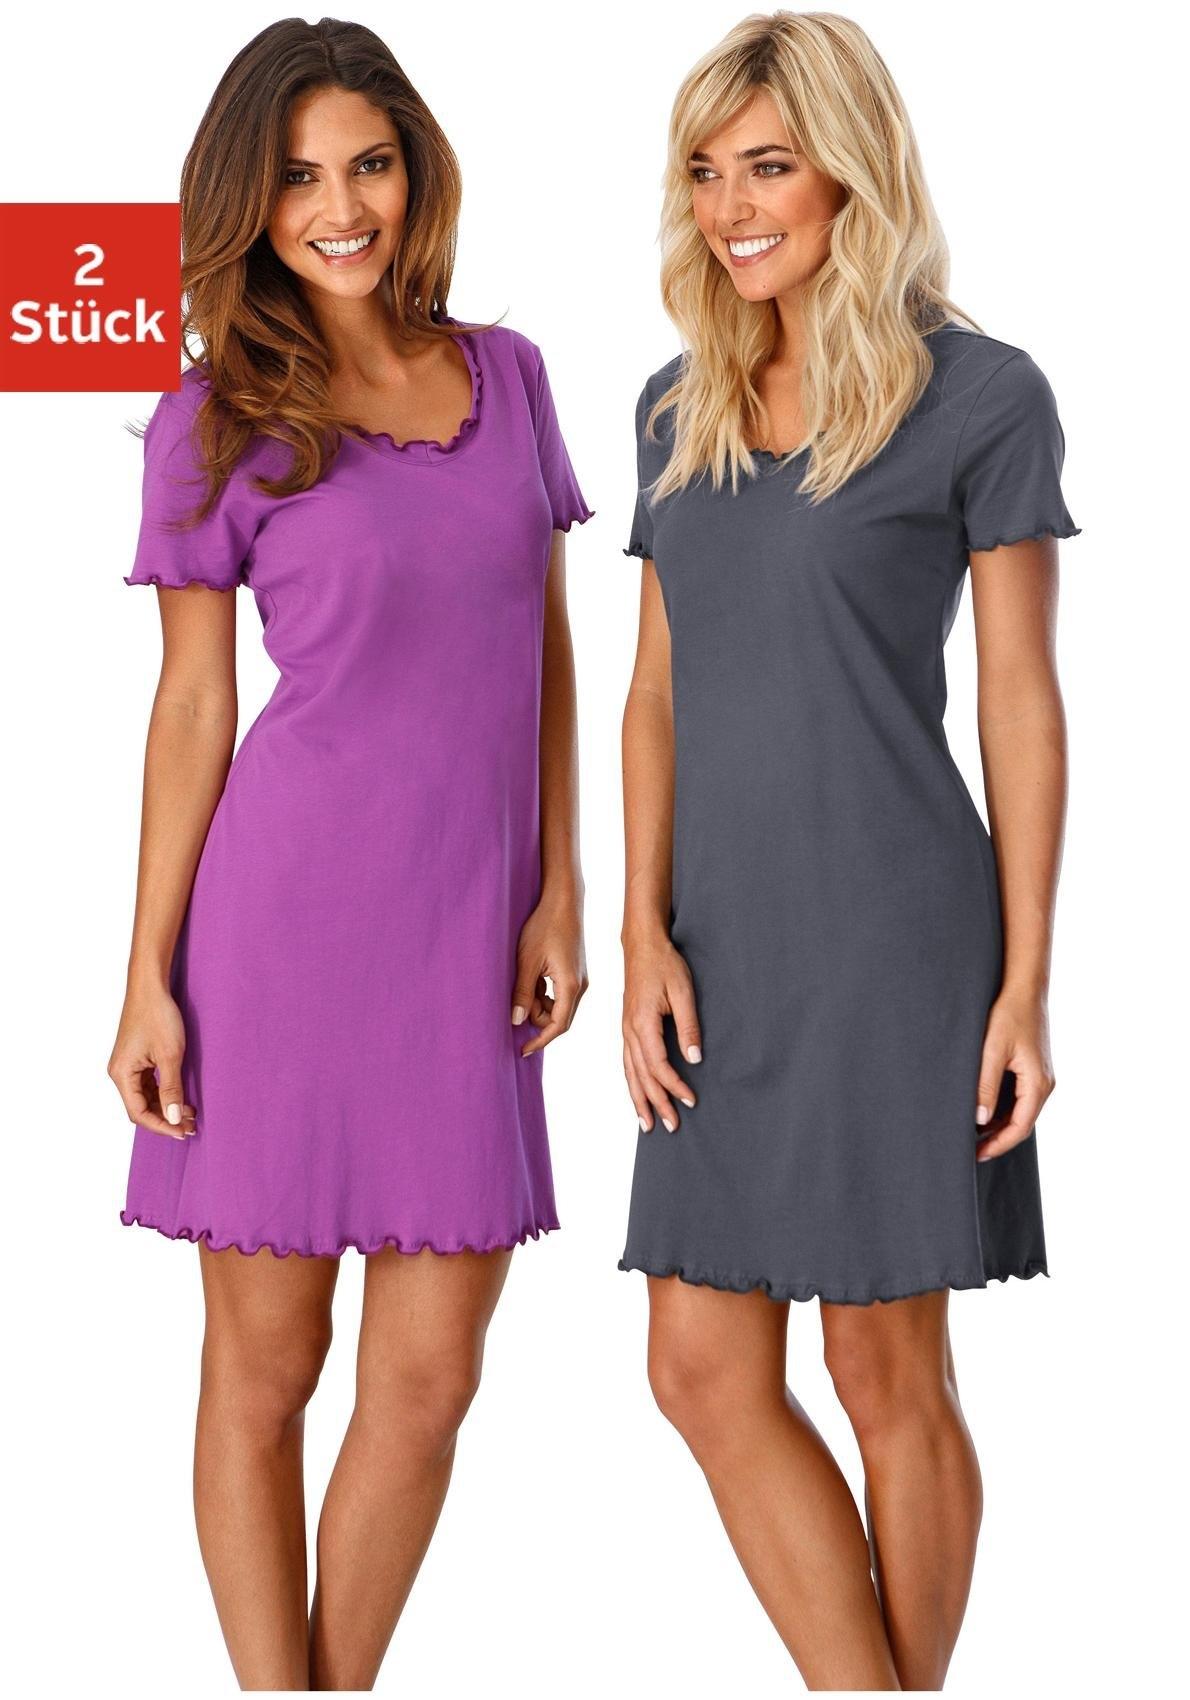 Vivance Collection Nachthemd, Vivance, set van 2 bestellen: 30 dagen bedenktijd